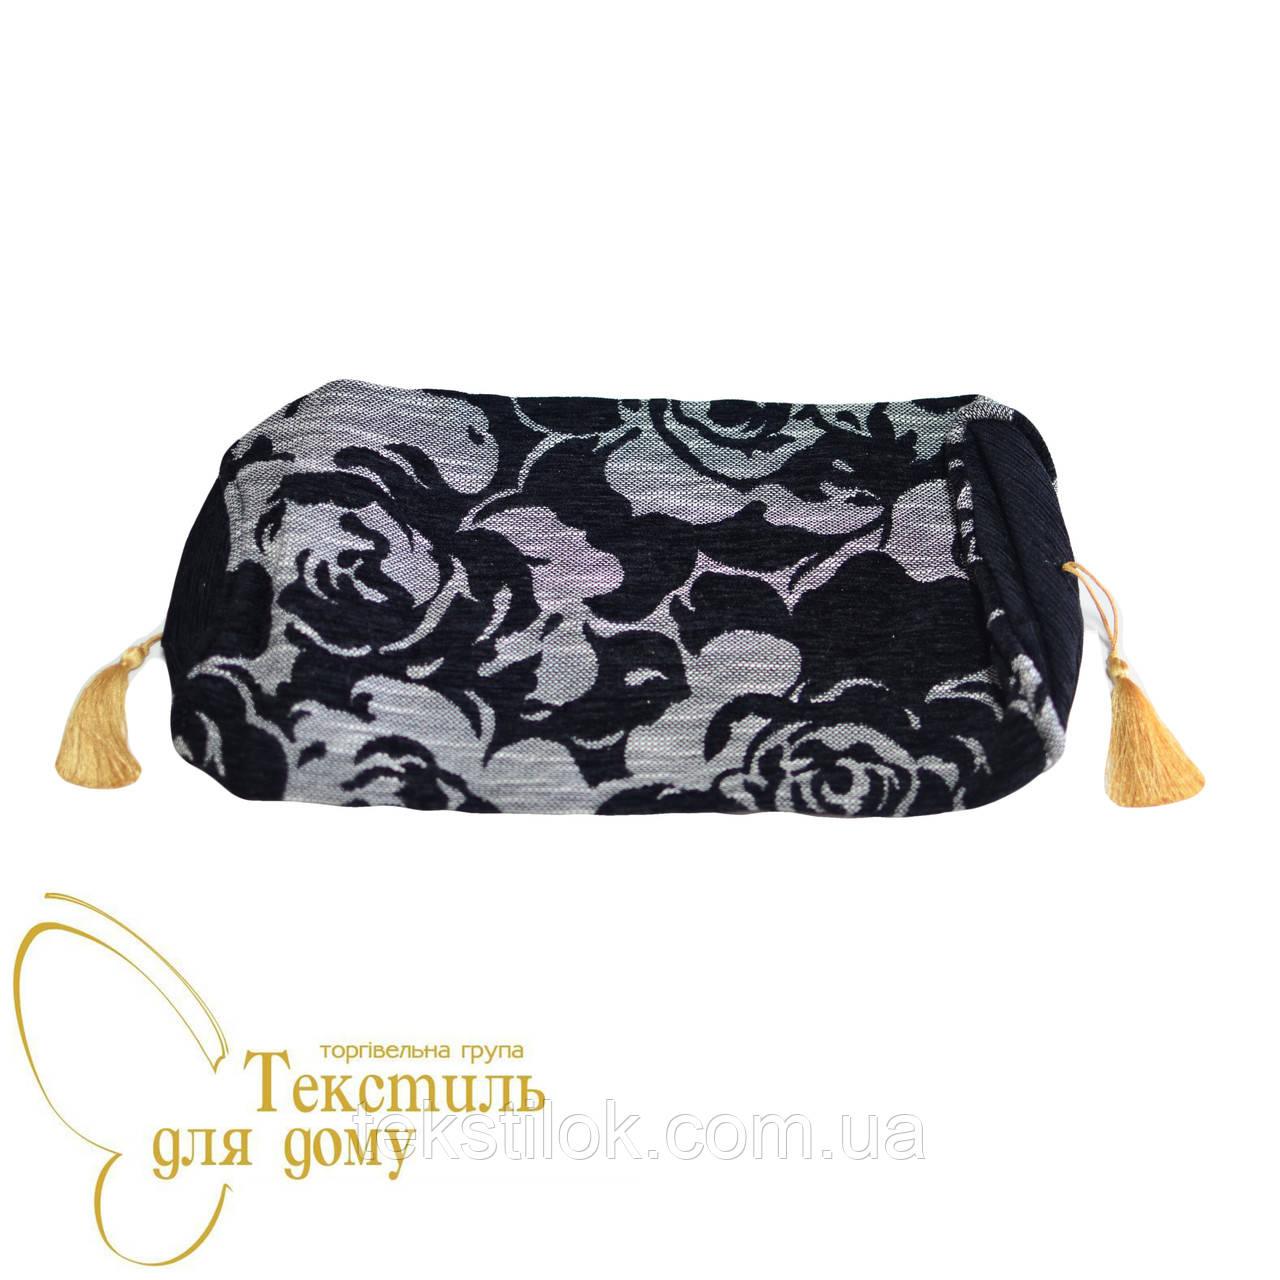 Наволочка декоративная валик рельефные цветы BURGAZ, черный